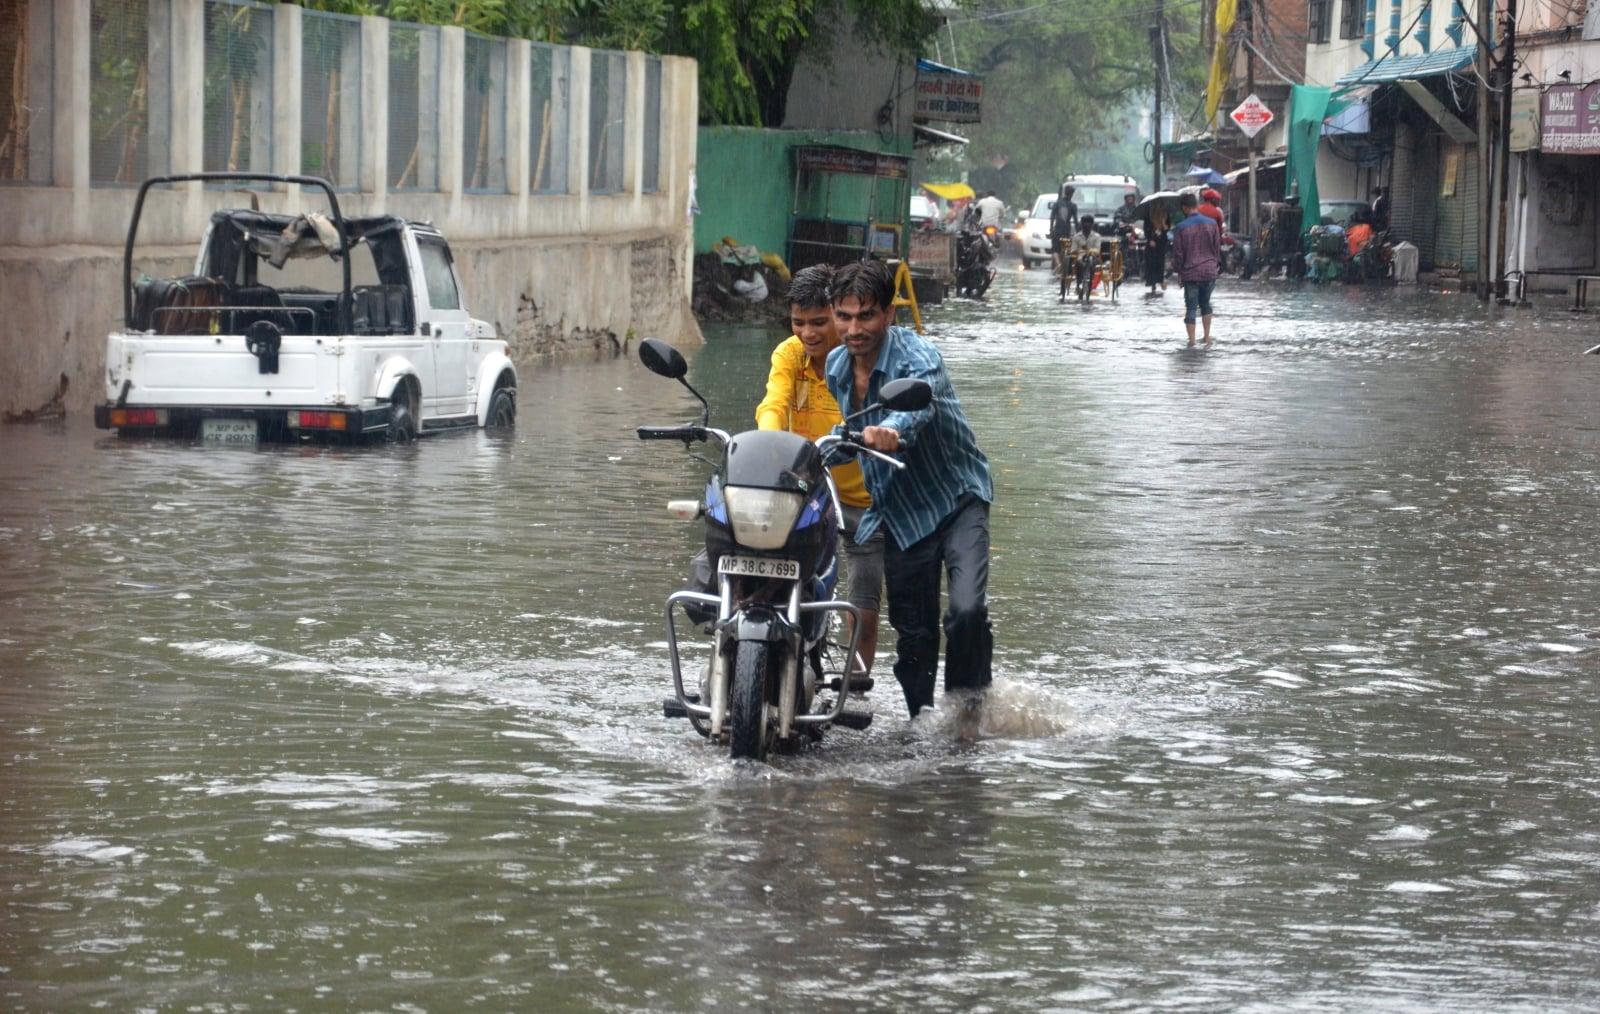 Ulewy w Indiach fot. EPA/SANJEEV GUPTA